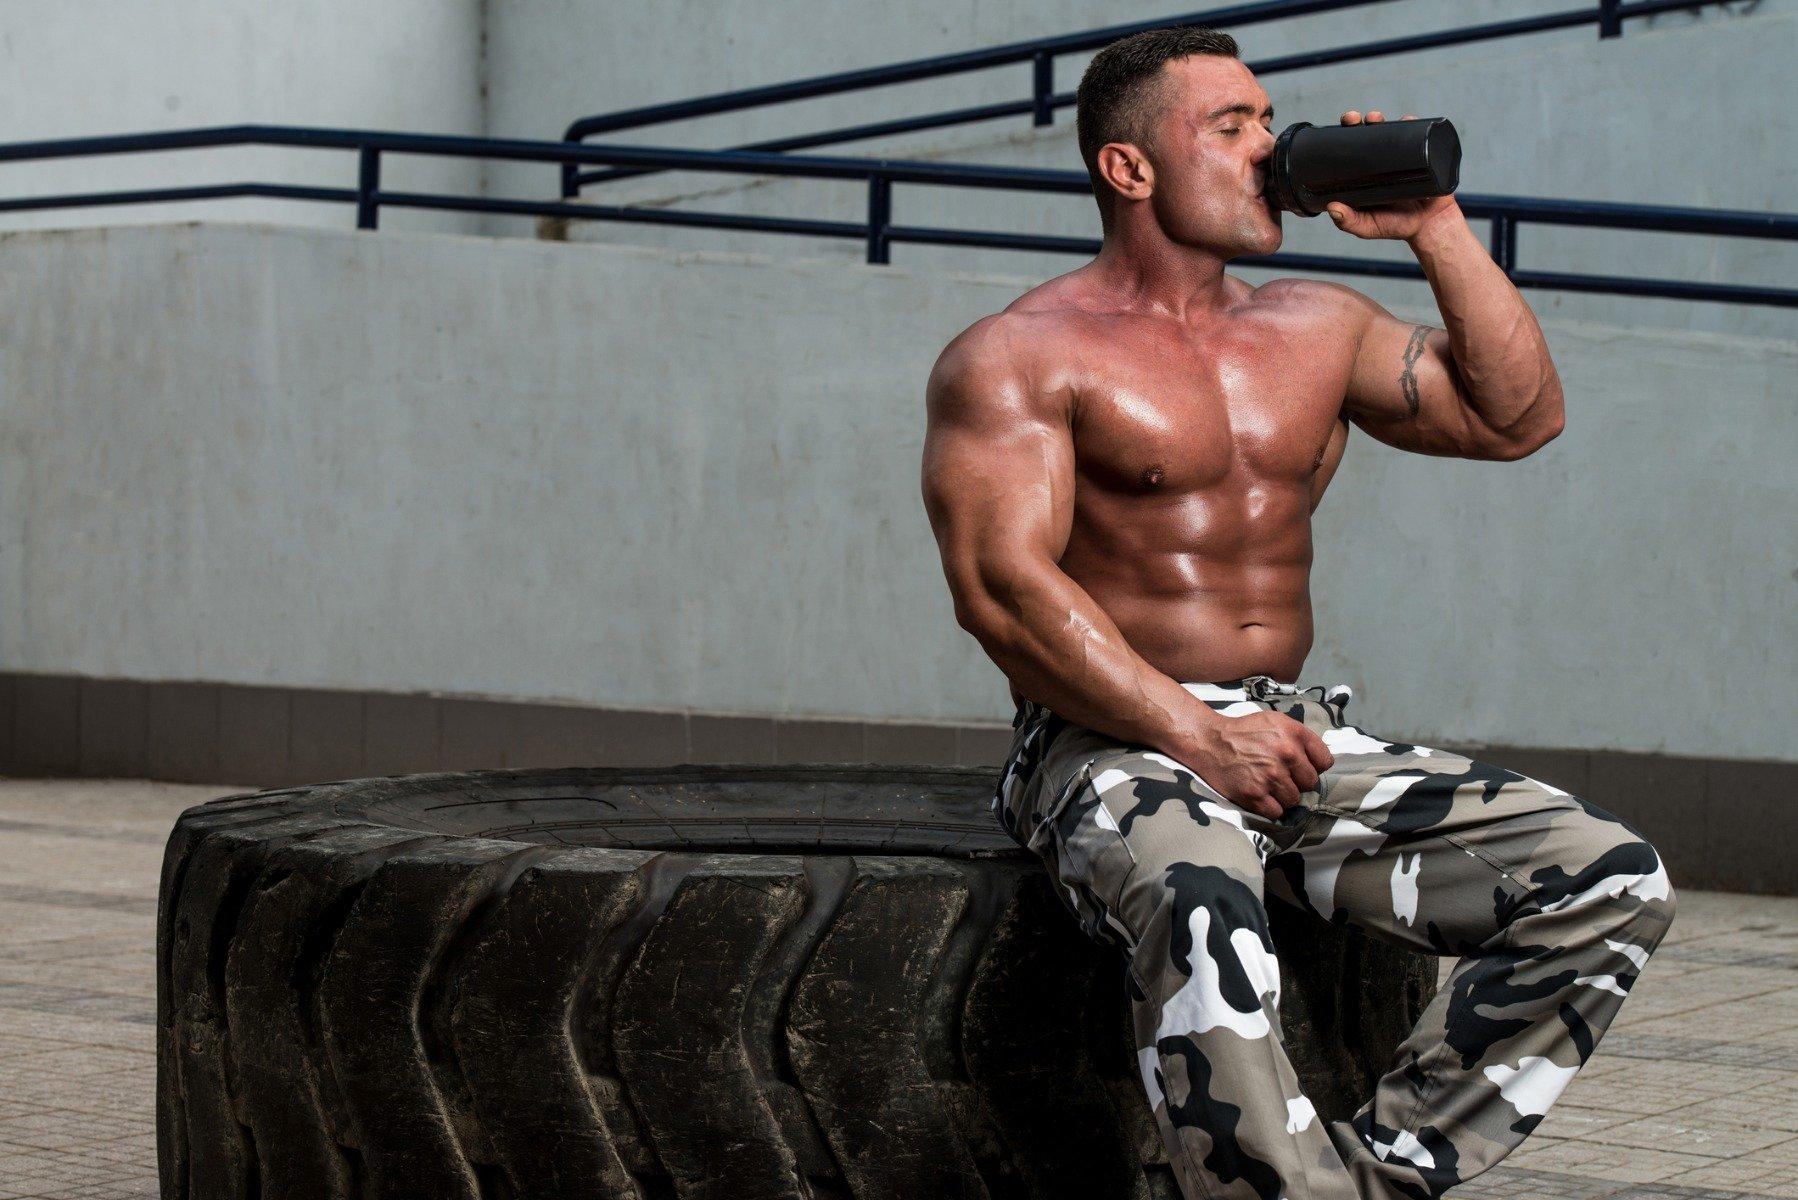 zsírégetési tippek a férfiak egészségére a legjobb sör fogyni